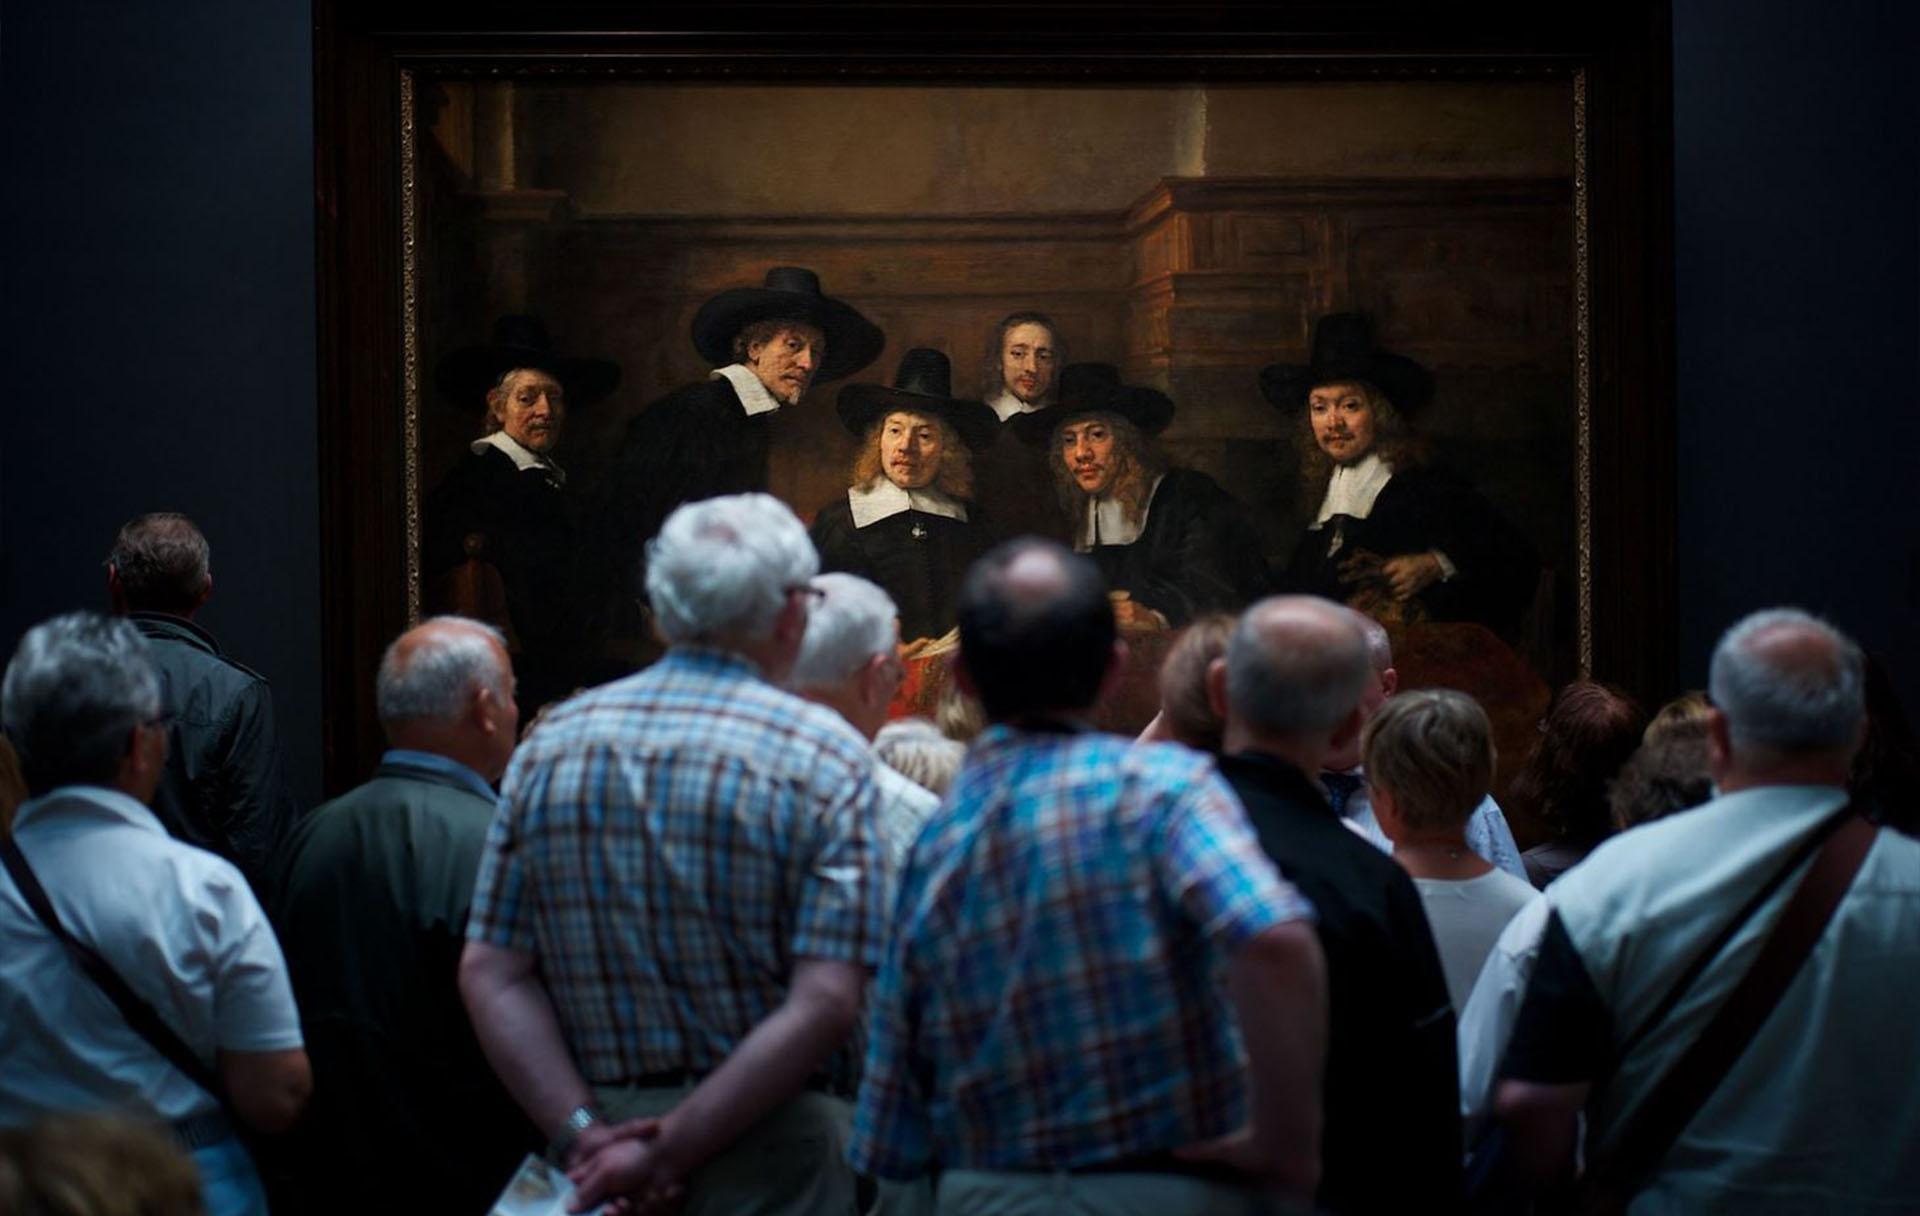 """Gente – Segundo lugar. Un grupo observa el famoso cuadro de Rembrandt Los síndicos de los pañeros, en Amsterdam. """"Me reí cuando me di cuenta que la gente en el cuadro también parece mirar con curiosidad a los vistantes"""", dijo el autor. Por Julius Y."""